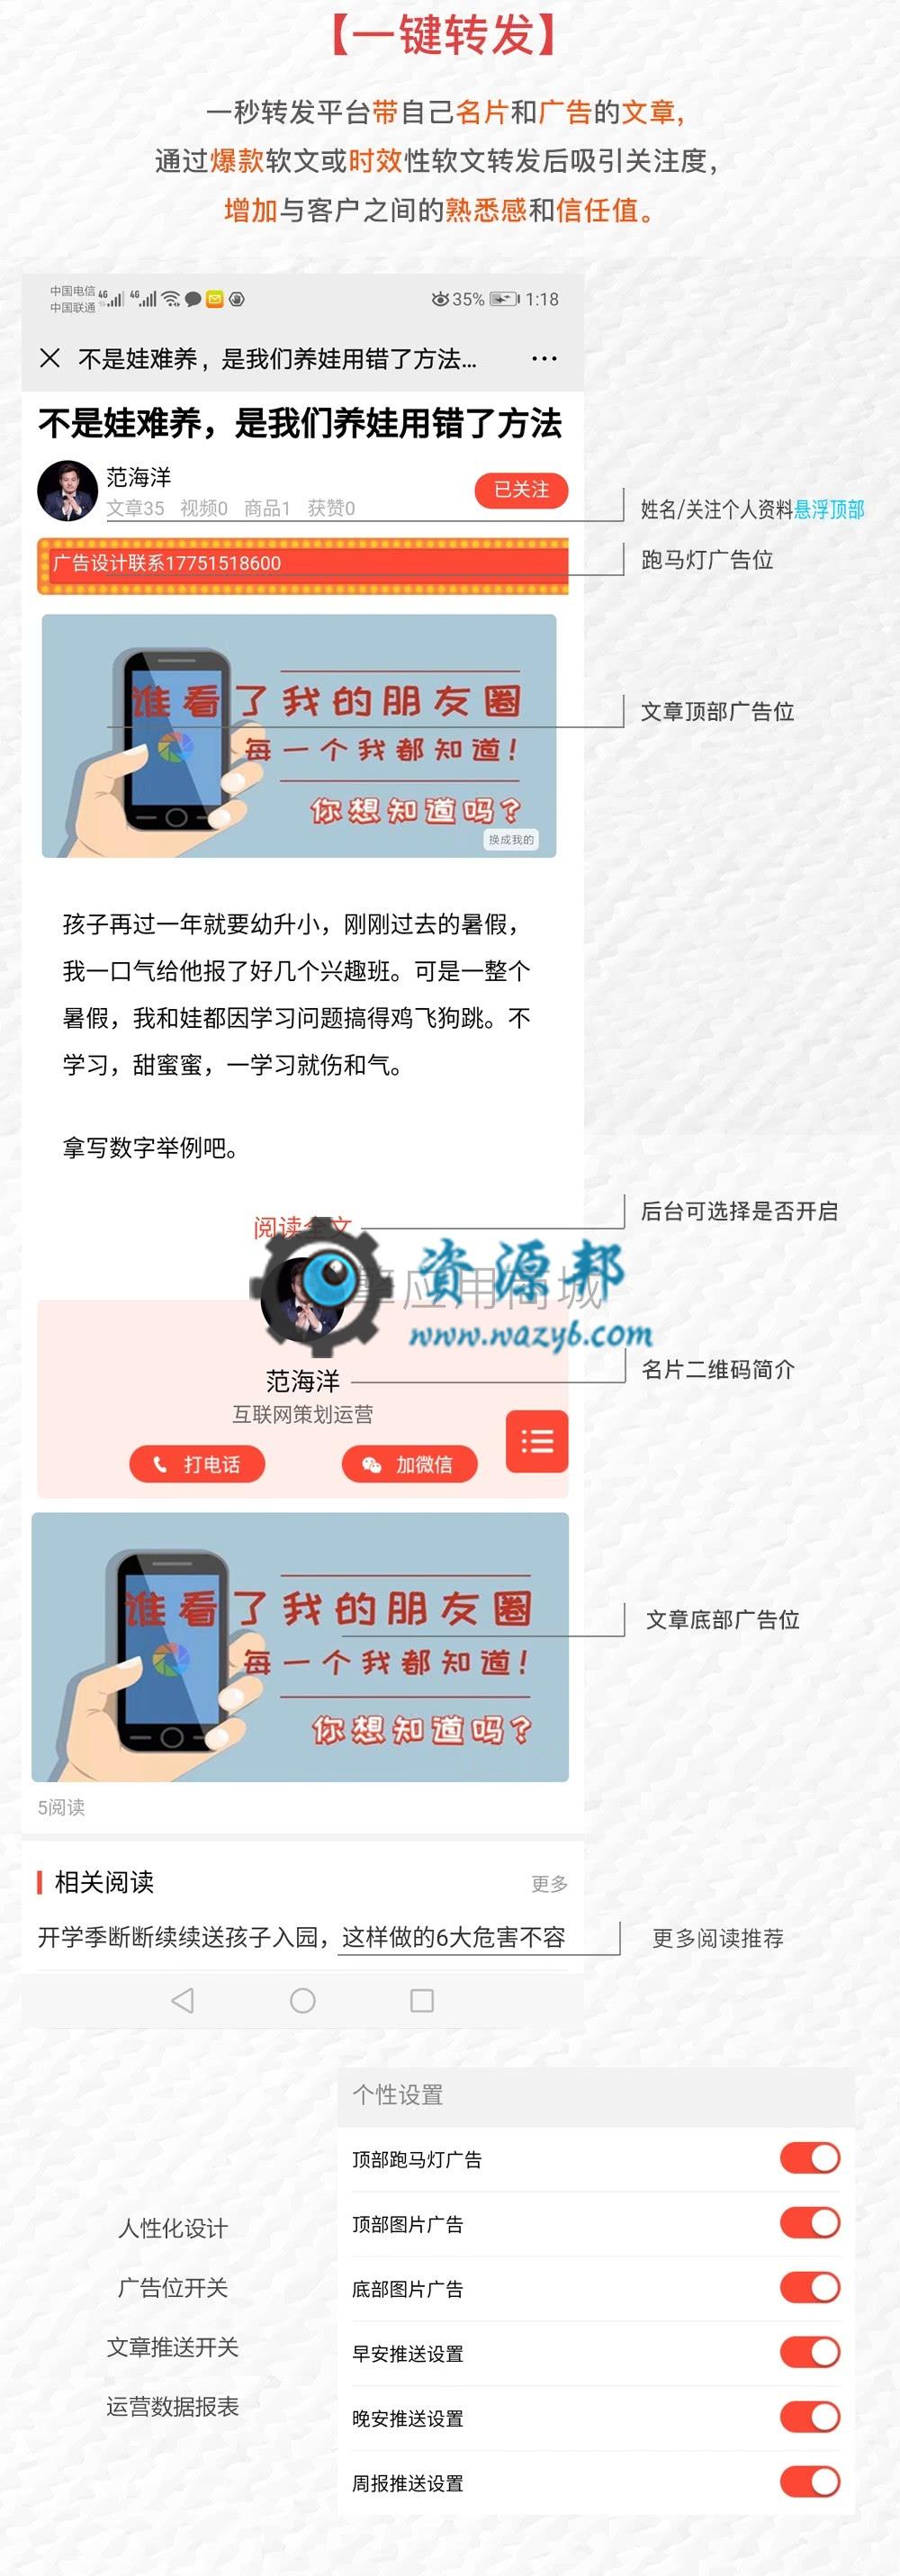 【永久会员专享】米哆全民软文推广视频商城综合版包更新【更新至V5.3.8】 第10张